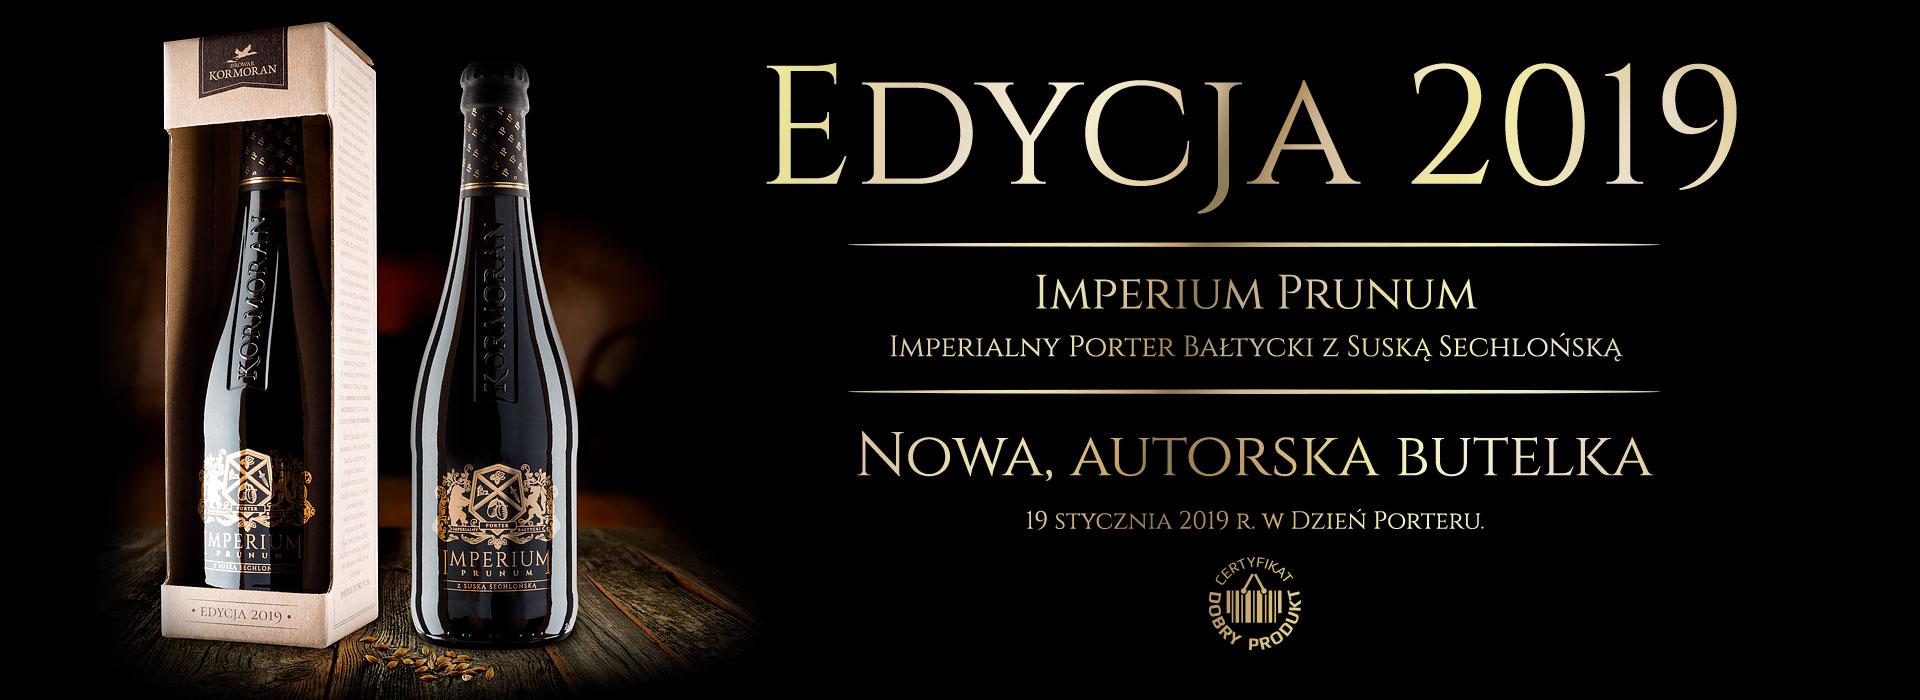 Imperium Prunum - edycja 2019 - Browar Kormoran